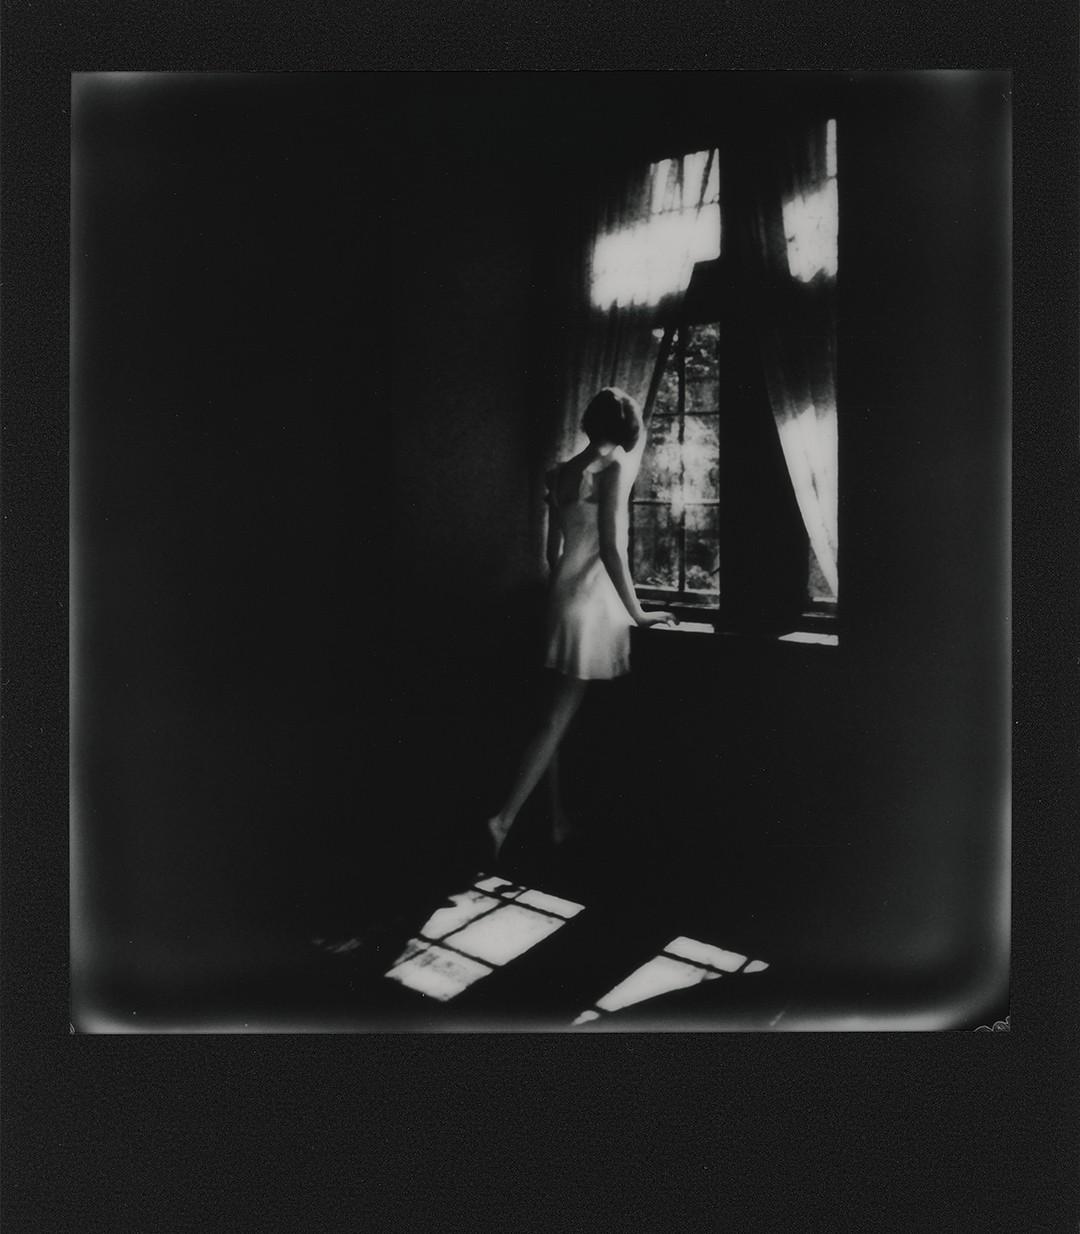 «Новый мир за окном». Фотограф Луиджи Улиссе Иоване